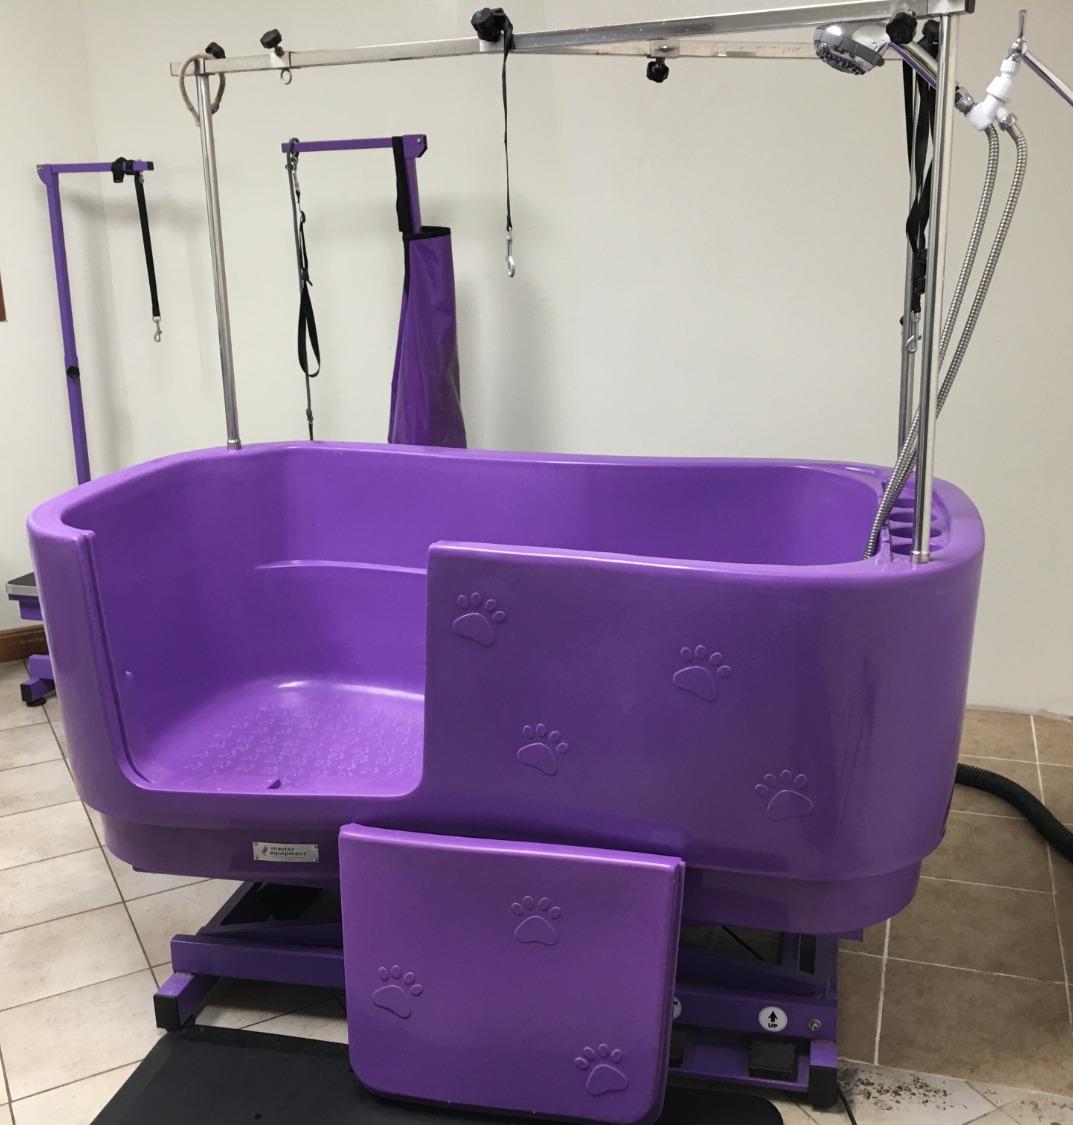 Hydraulic Bathtub